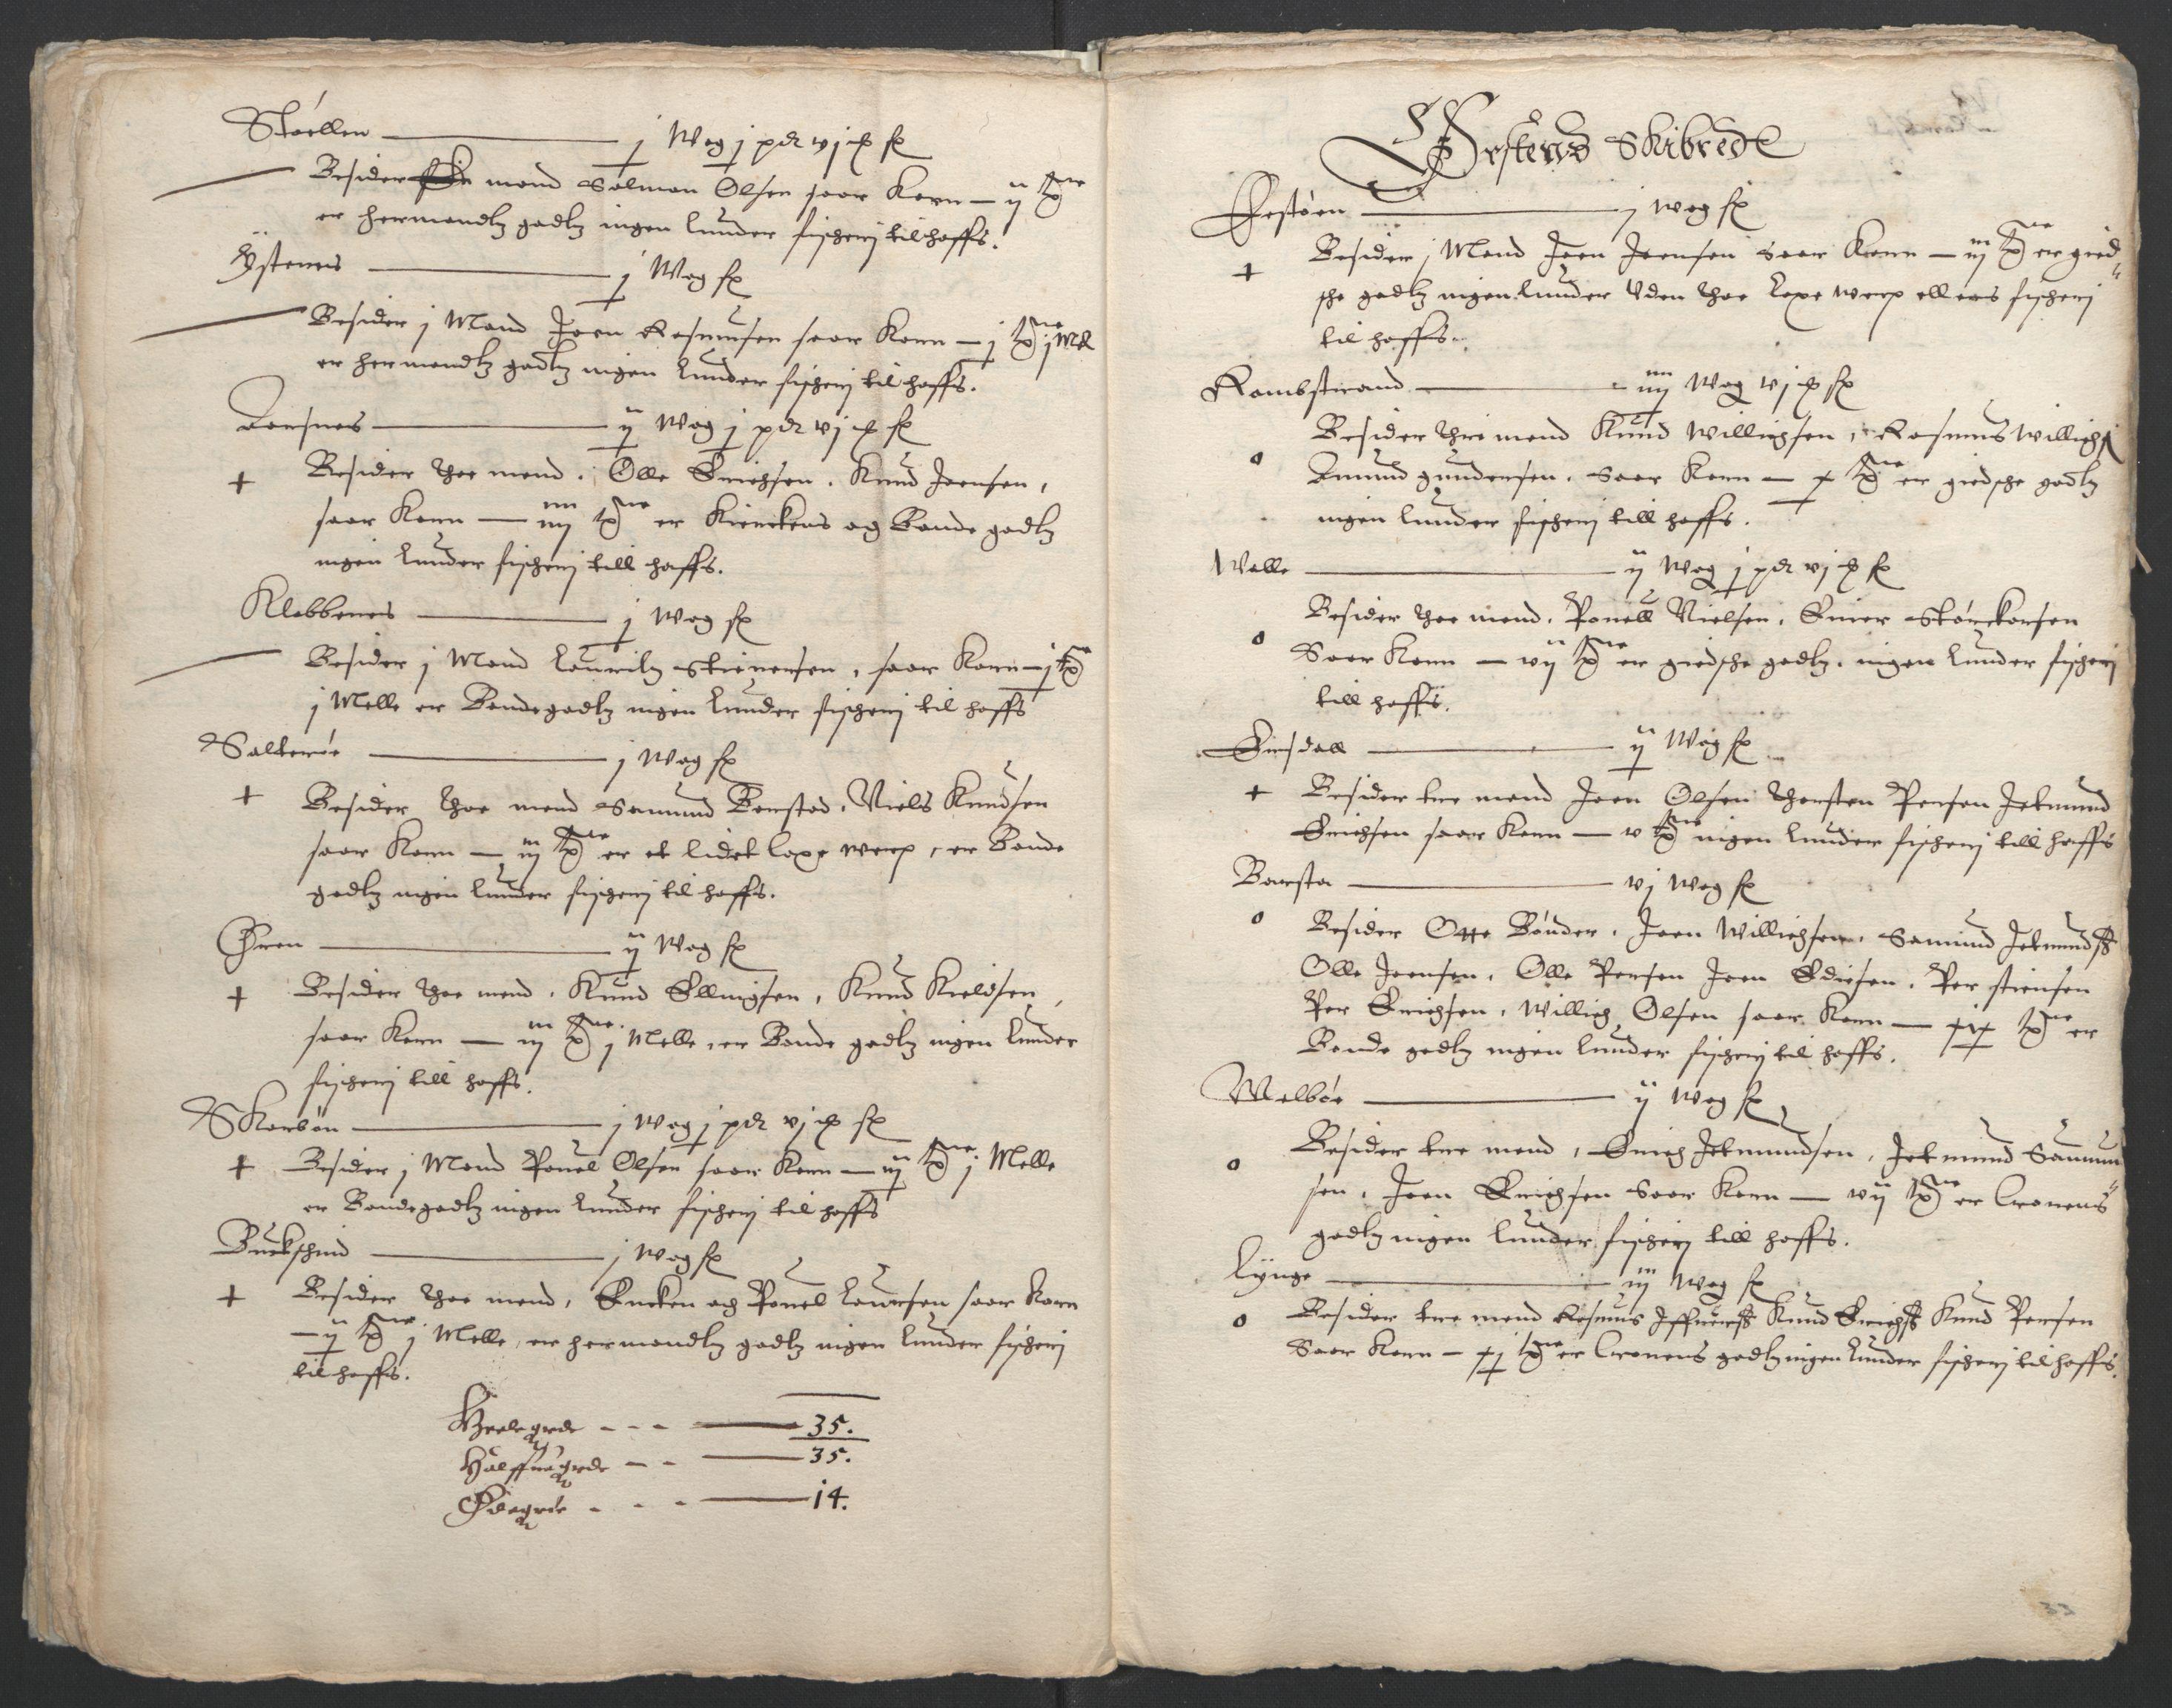 RA, Stattholderembetet 1572-1771, Ek/L0005: Jordebøker til utlikning av garnisonsskatt 1624-1626:, 1626, s. 174